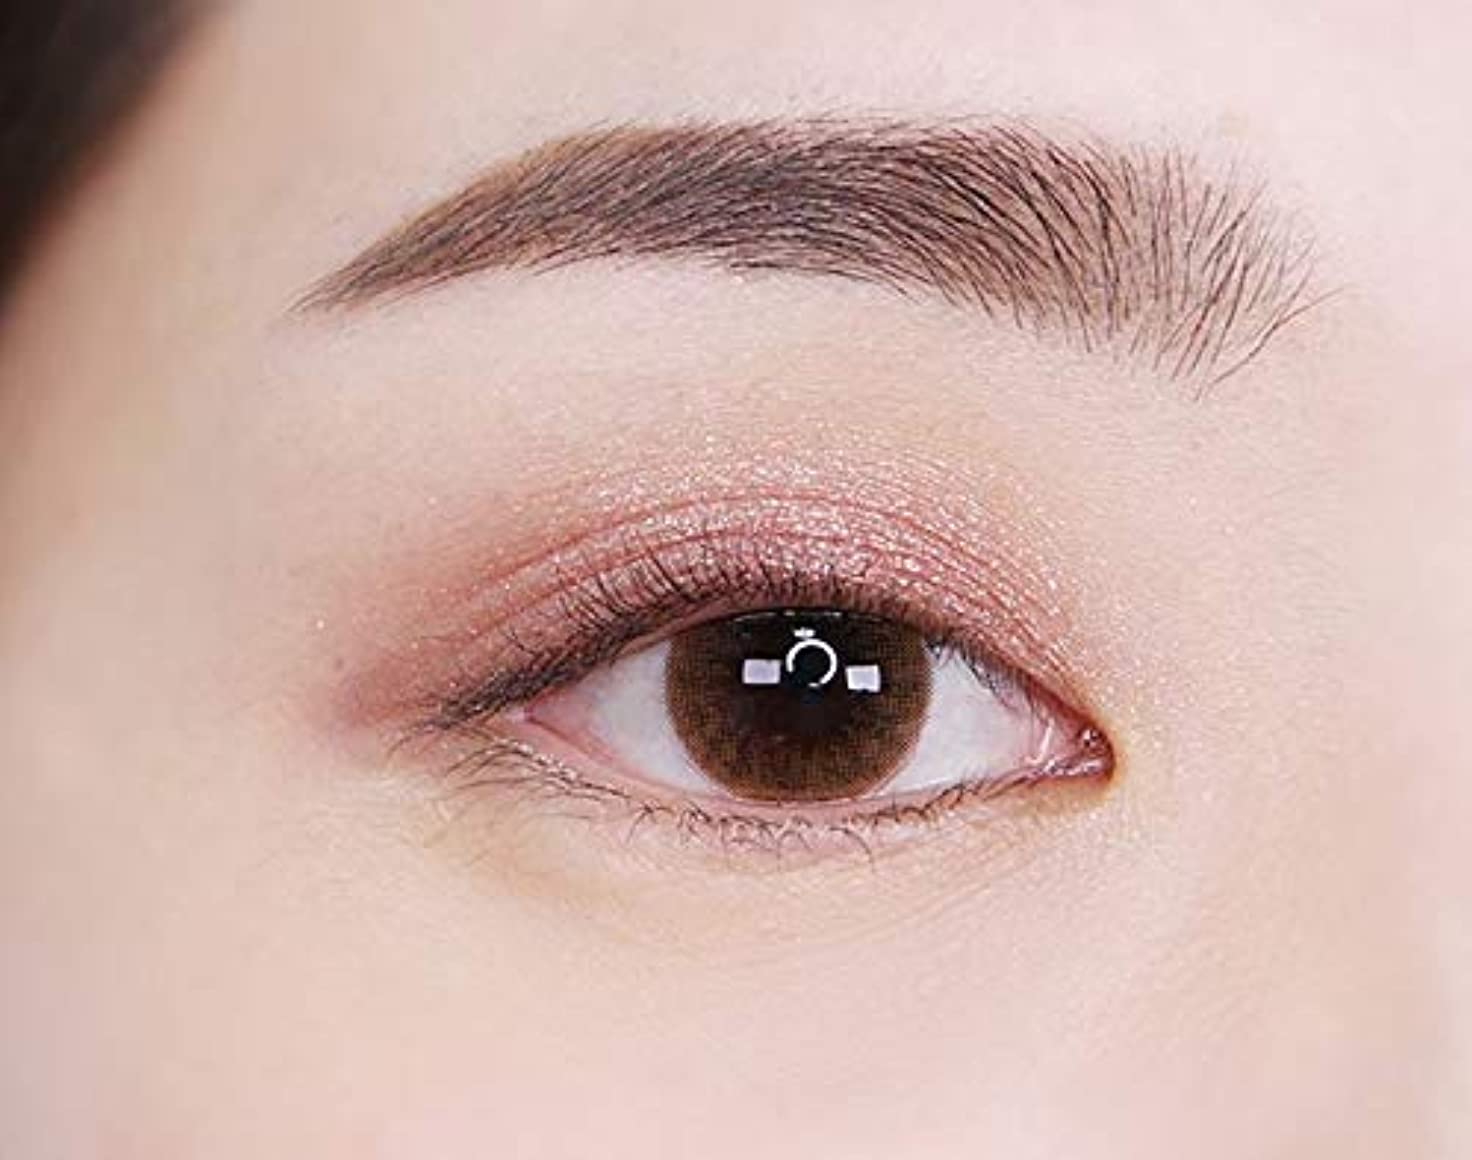 ネコ印象派わな[イニスフリー] innisfree [マイ パレット マイ アイシャドウ (グリッタ一) 5カラー] MY PALETTE My Eyeshadow (Glitter) 5 Shades [海外直送品] (グリッタ一...